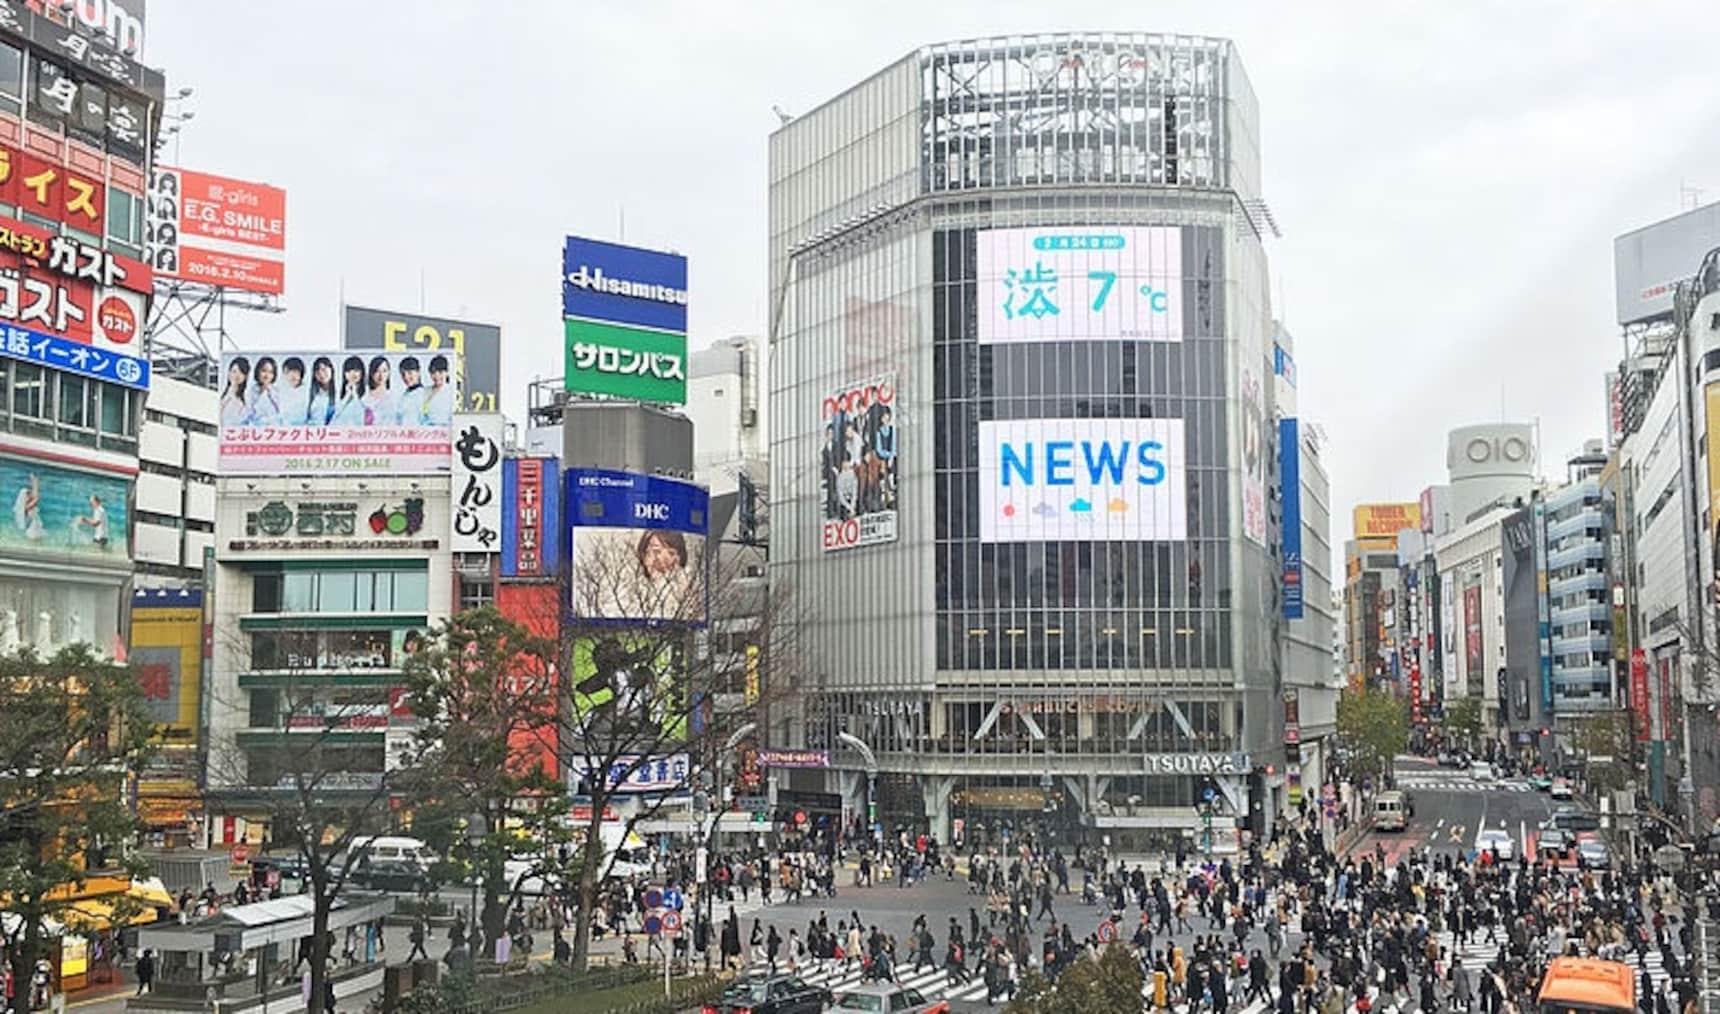 4 ตึกใหม่ที่จะเปลี่ยนโฉมย่านชิบุย่า